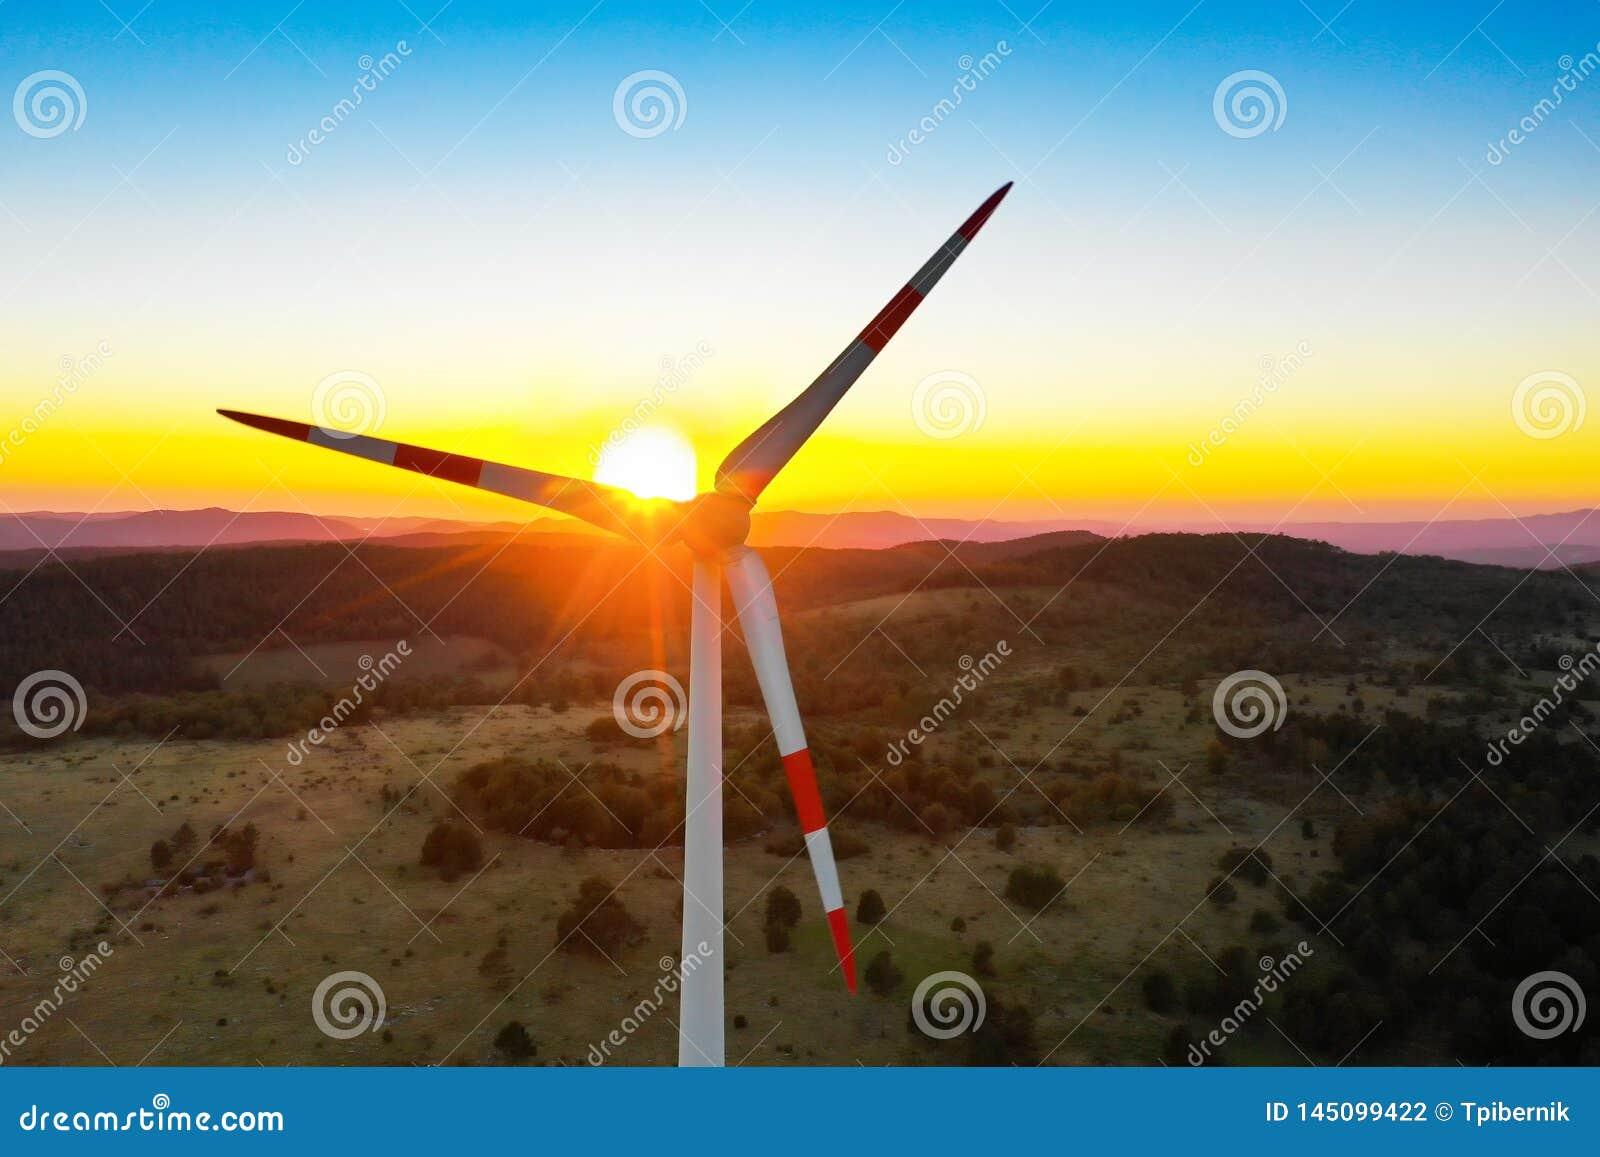 Сиротливая турбина ветрянки мирно поворачивая лезвия через ветер в красивом небе захода солнца